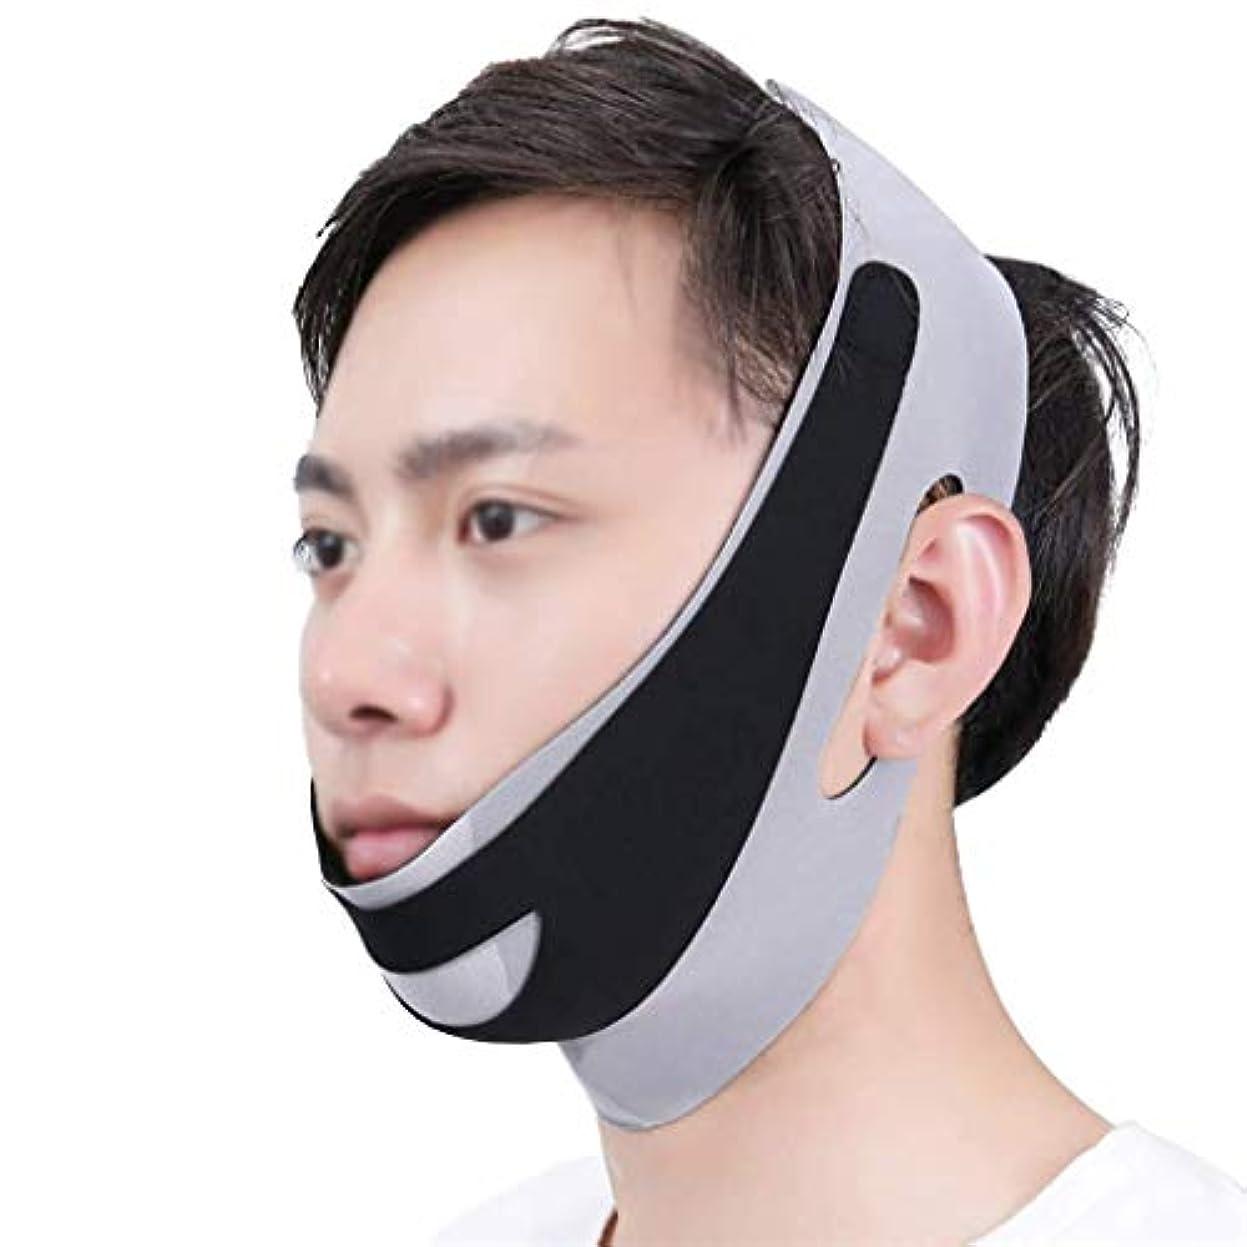 ヘルシー拒絶する東ティモール顔と首のリフト術後の弾性フェイスマスク小さなV顔アーティファクト薄い顔包帯アーティファクトV顔ぶら下げ耳リフティング引き締め男性の顔アーティファクト